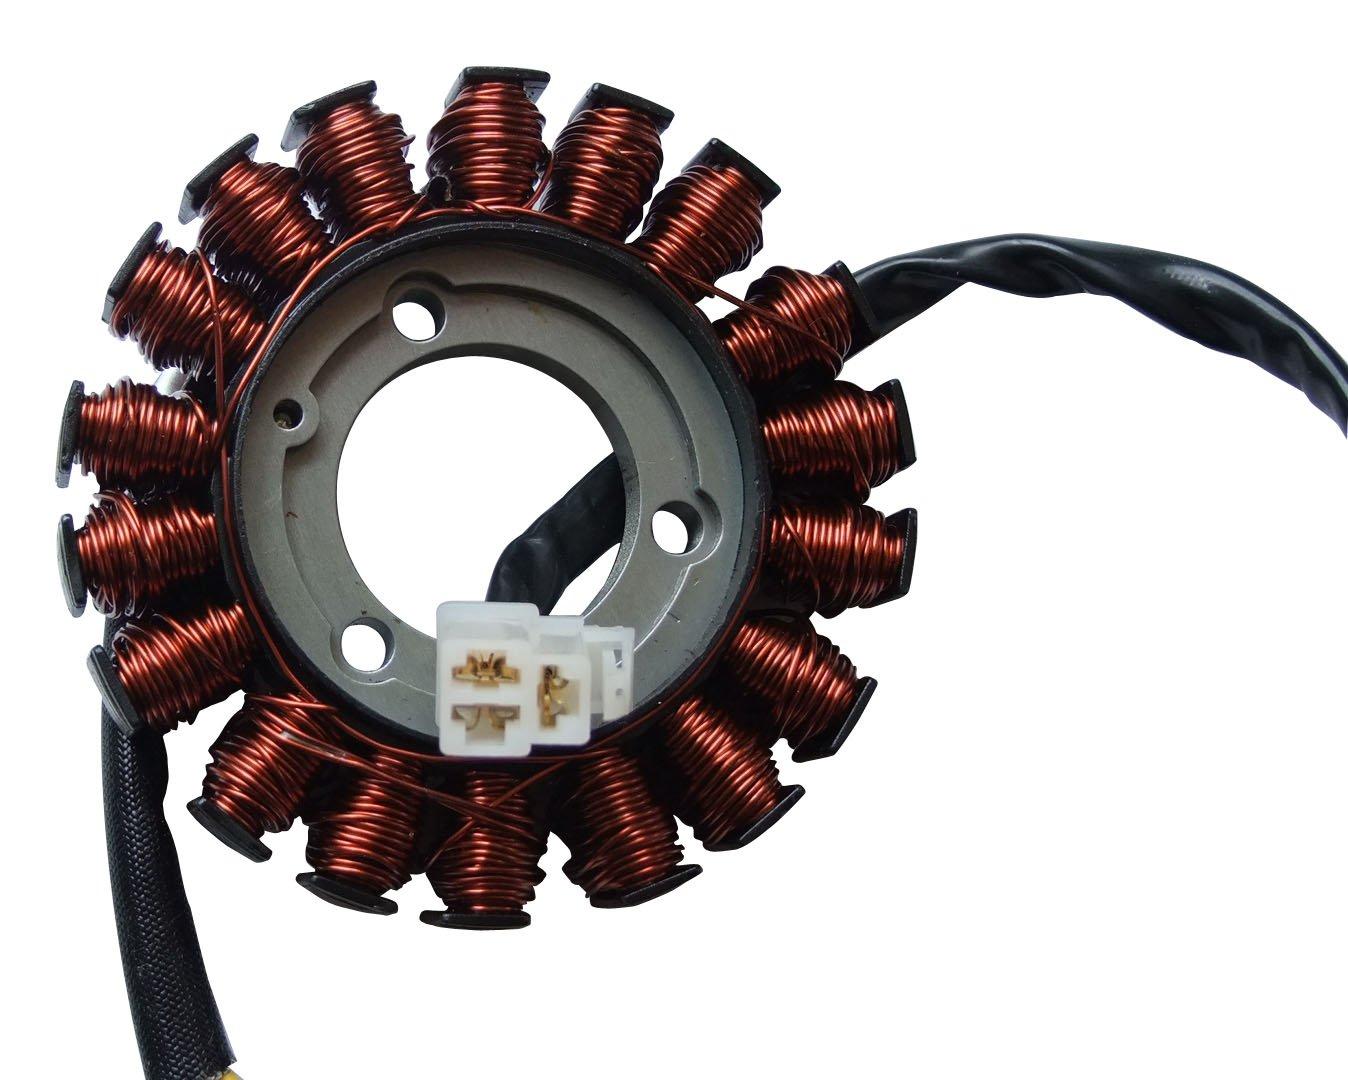 shamofeng Stator Magneto FIT Suzuki GSXR750 GSXR600 2006 2007 2008 2009 2010 2011 2012-2016